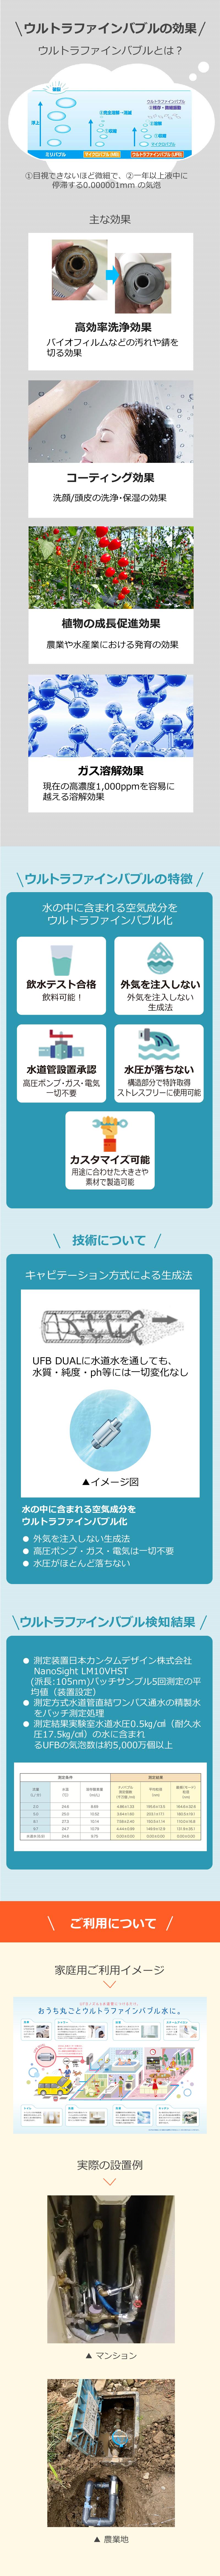 ウルトラファインバブルの詳細